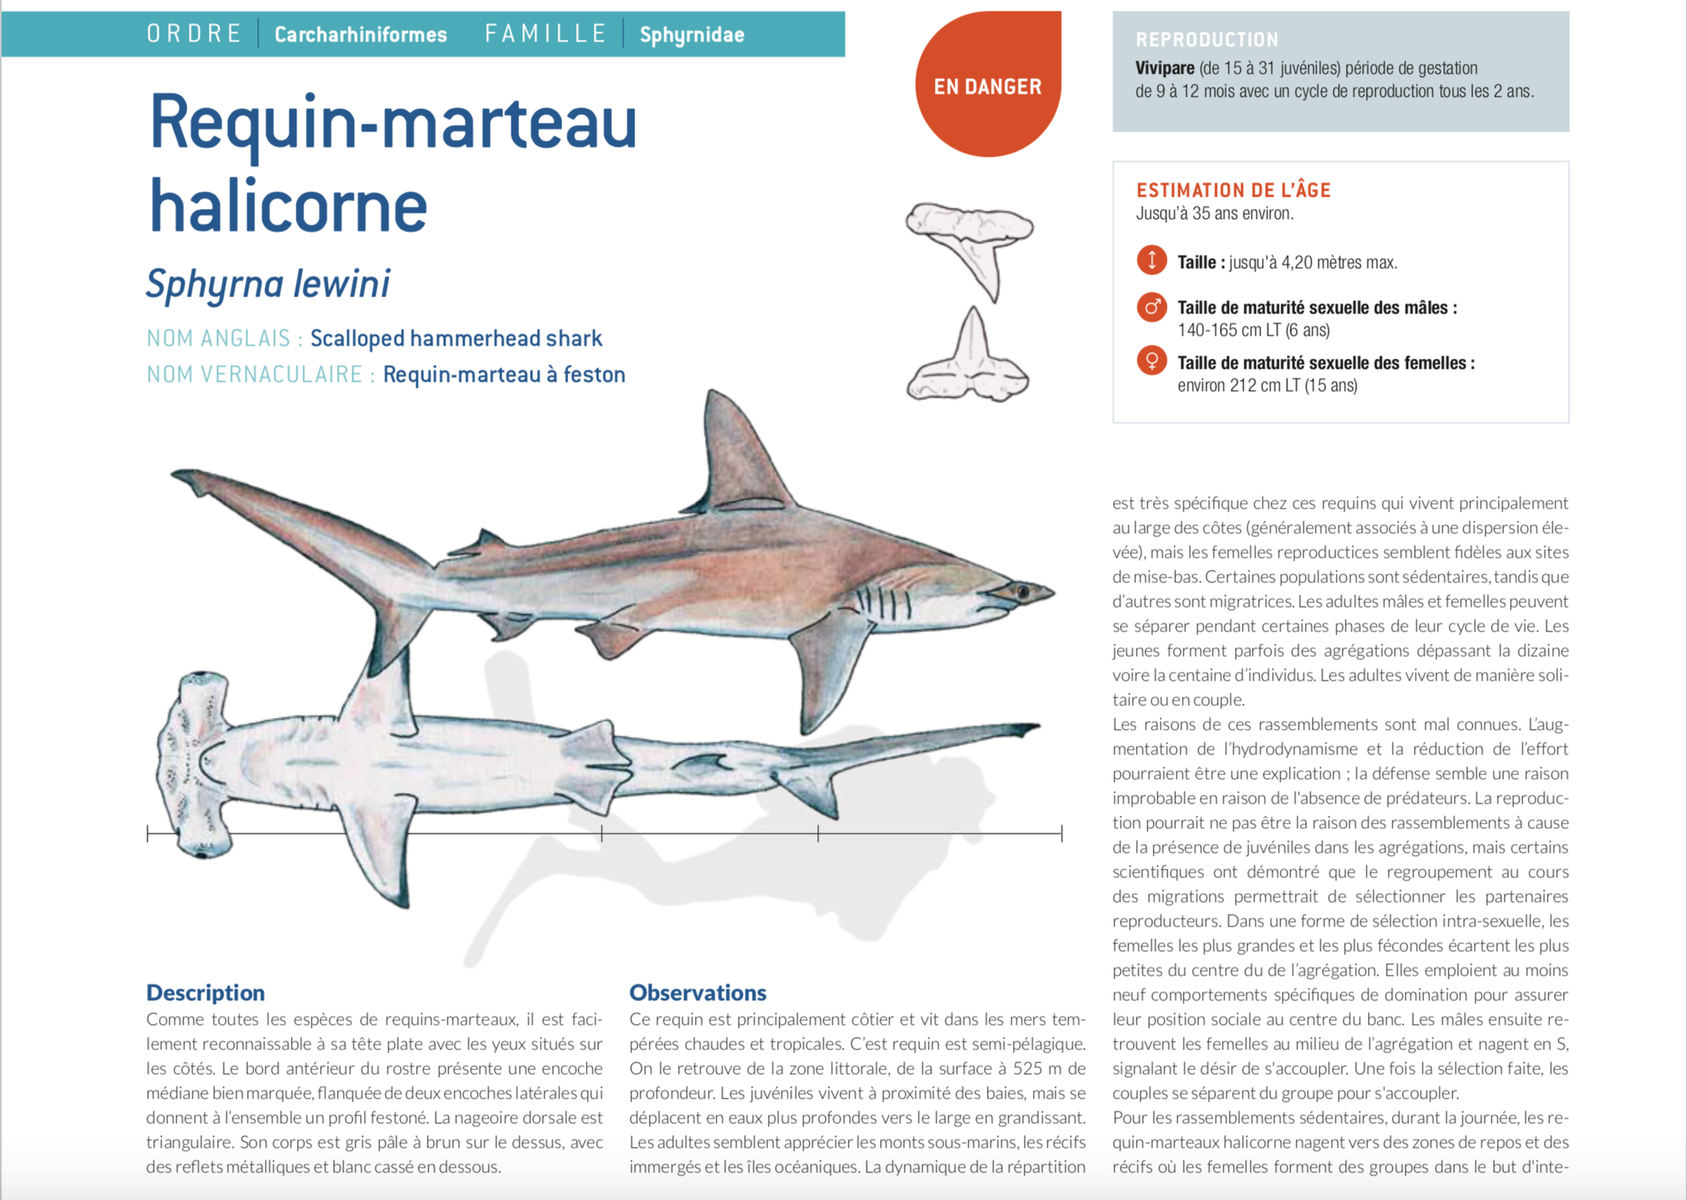 fiche requin marteau hammerhead shark